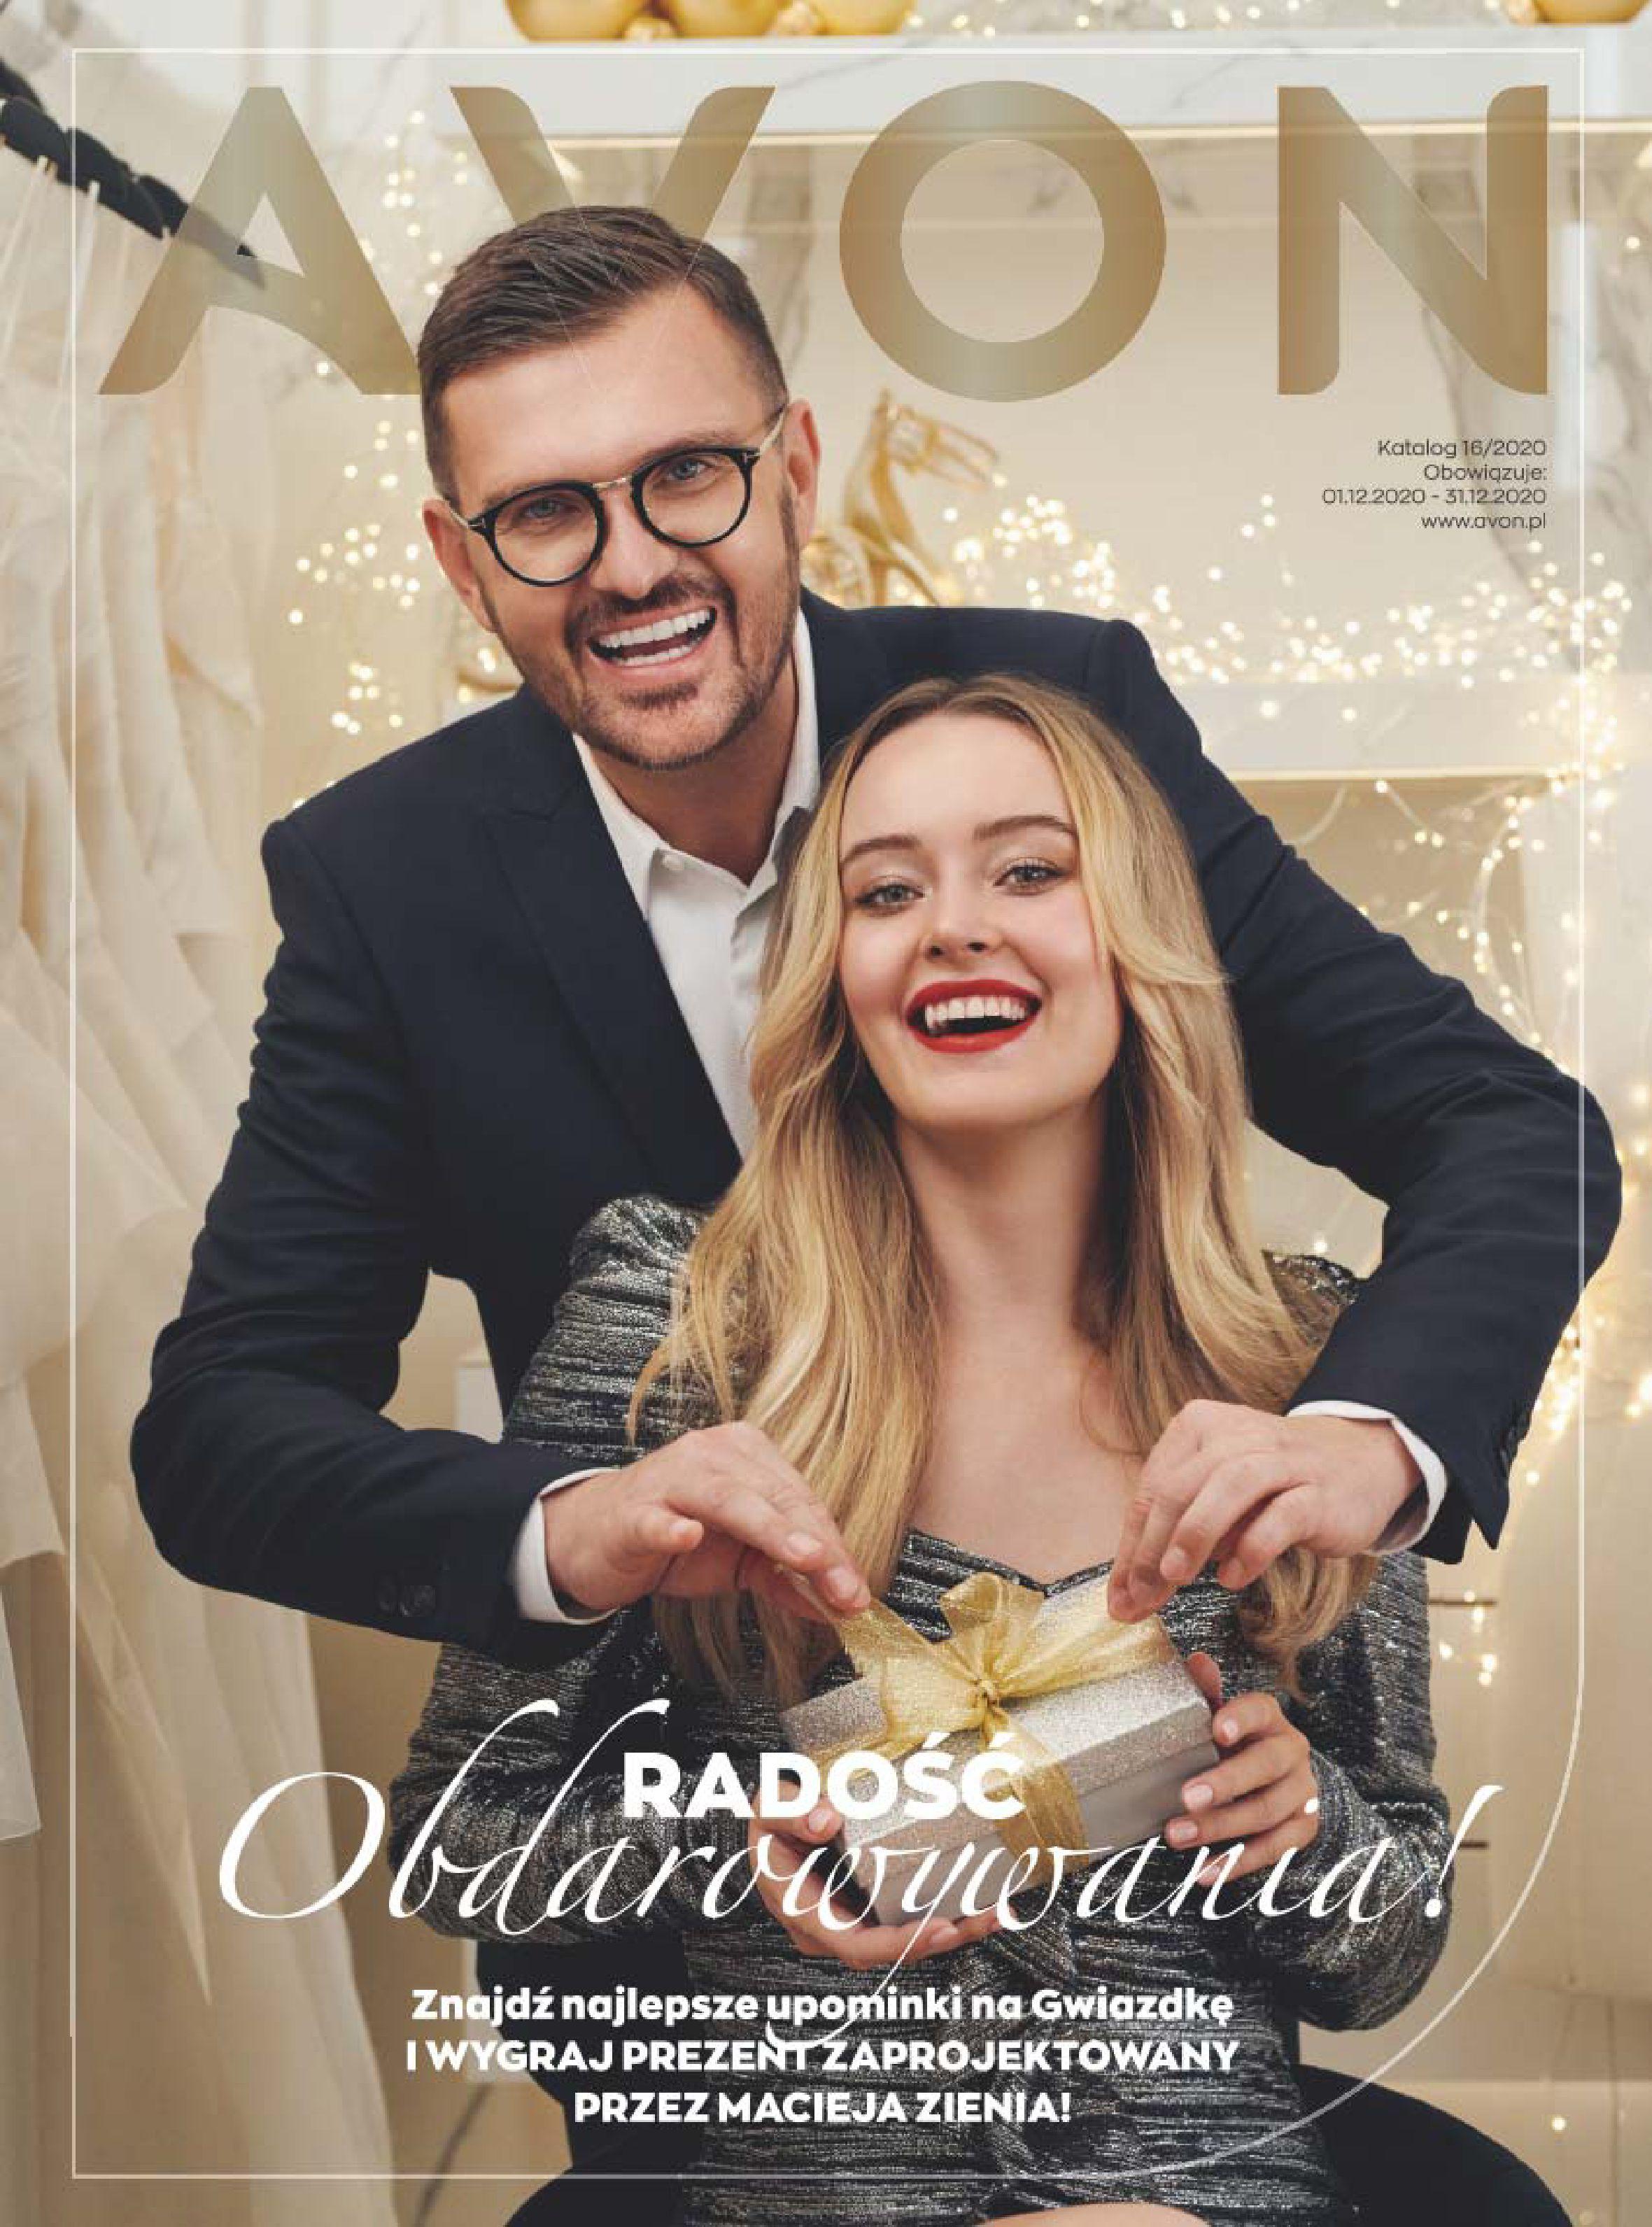 Gazetka Avon: Katalog  16/2020 2020-12-01 page-1